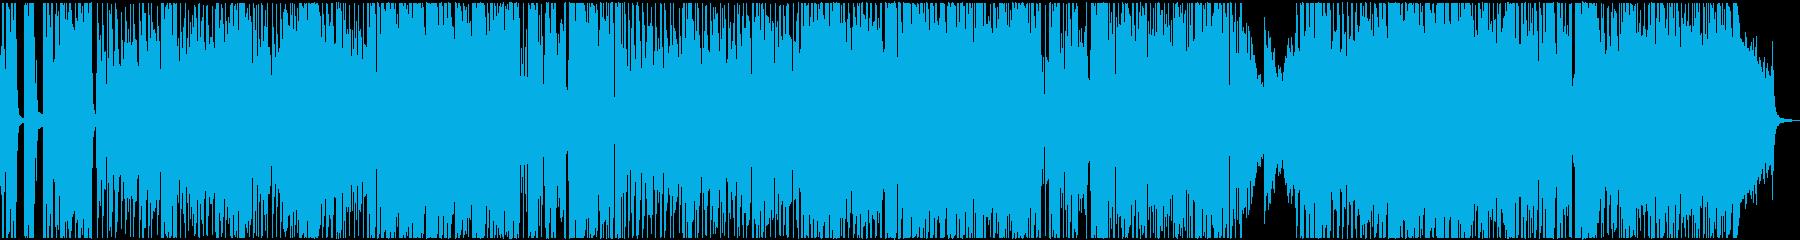 爽快で軽快な明るいポップ(メロディ無し)の再生済みの波形